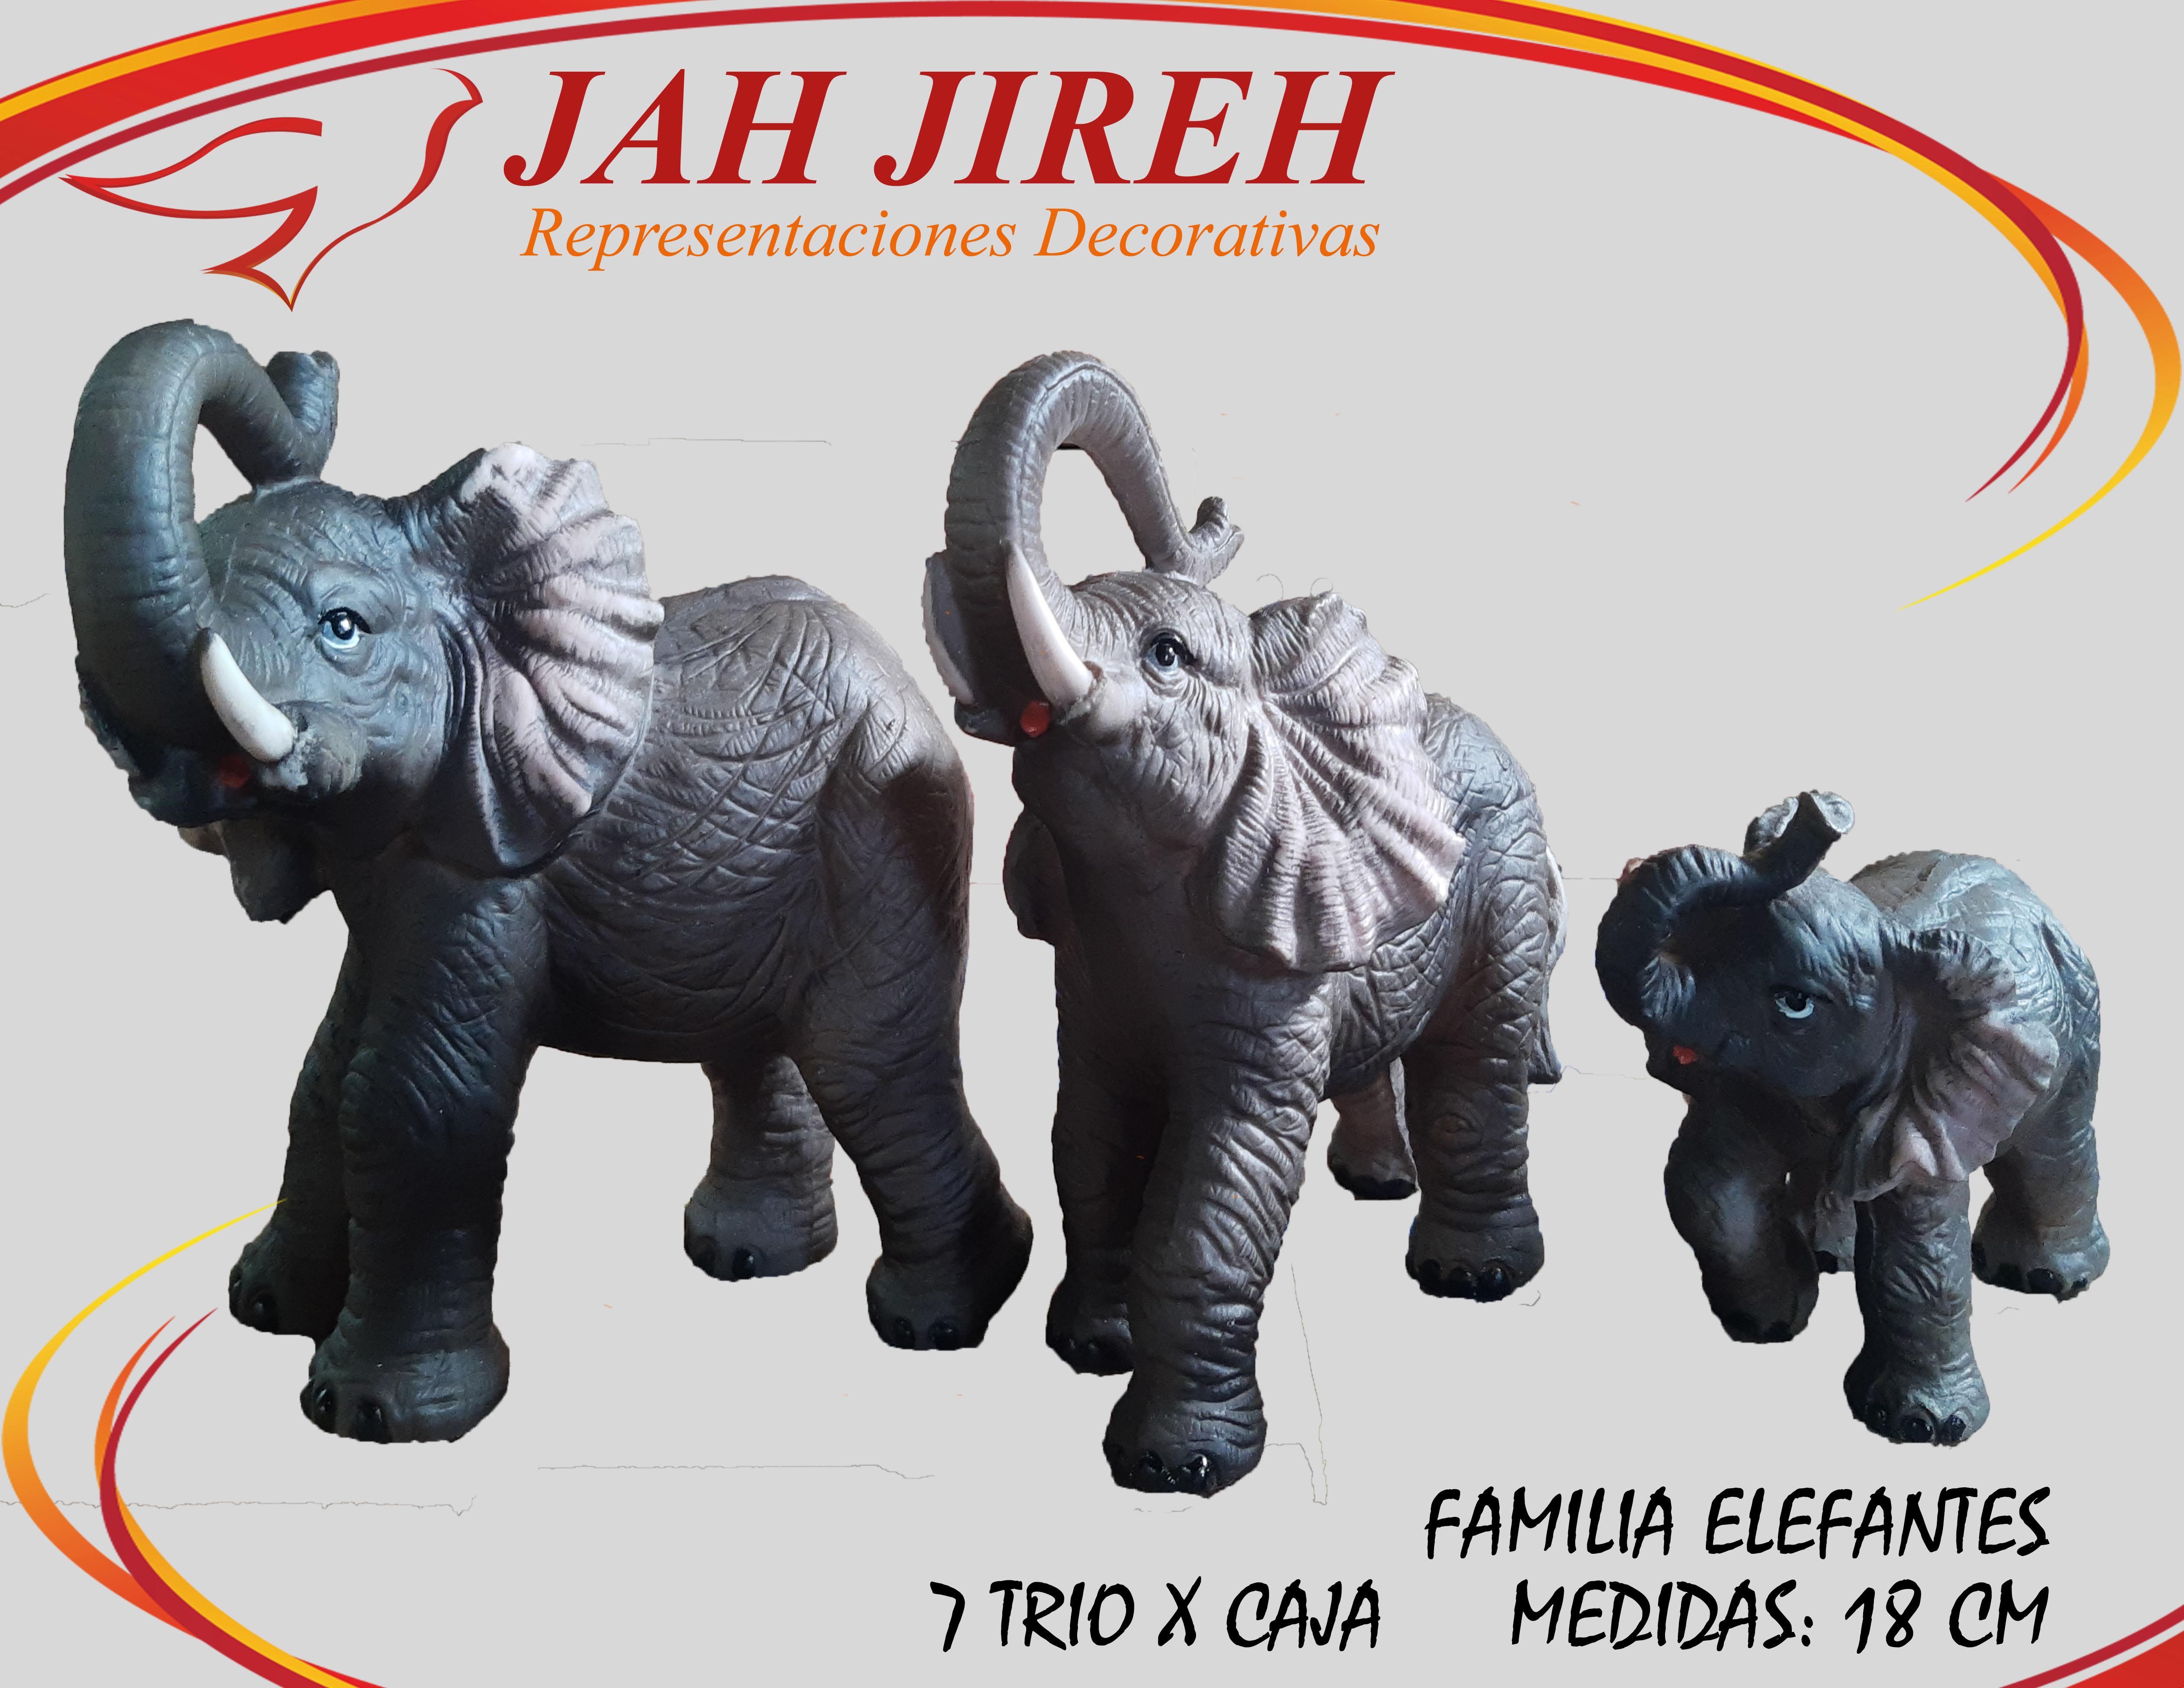 https://0201.nccdn.net/1_2/000/000/091/018/familia-elefantes.jpg